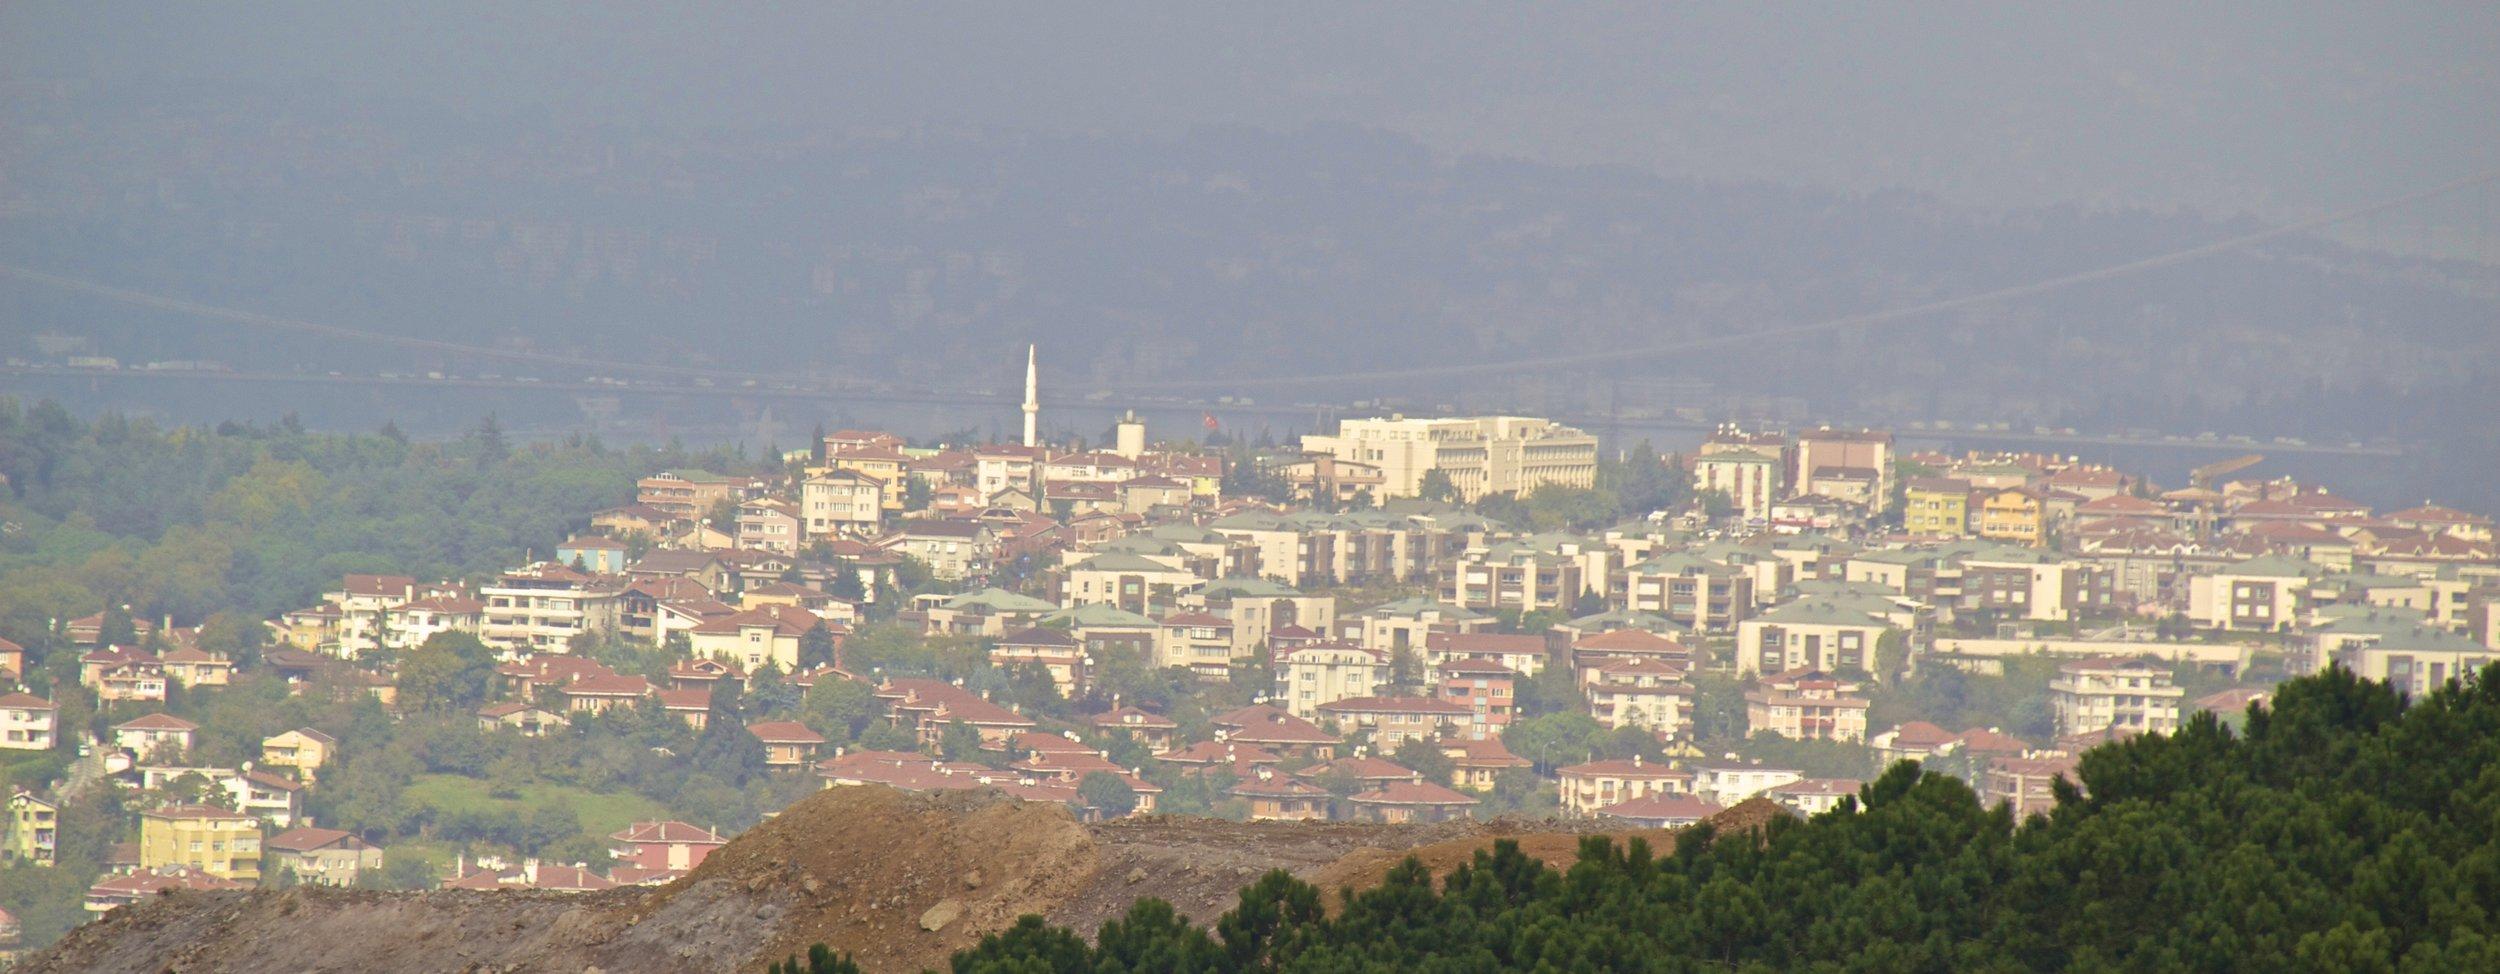 Çamlıca Hill Istanbul Turkey 1.jpg